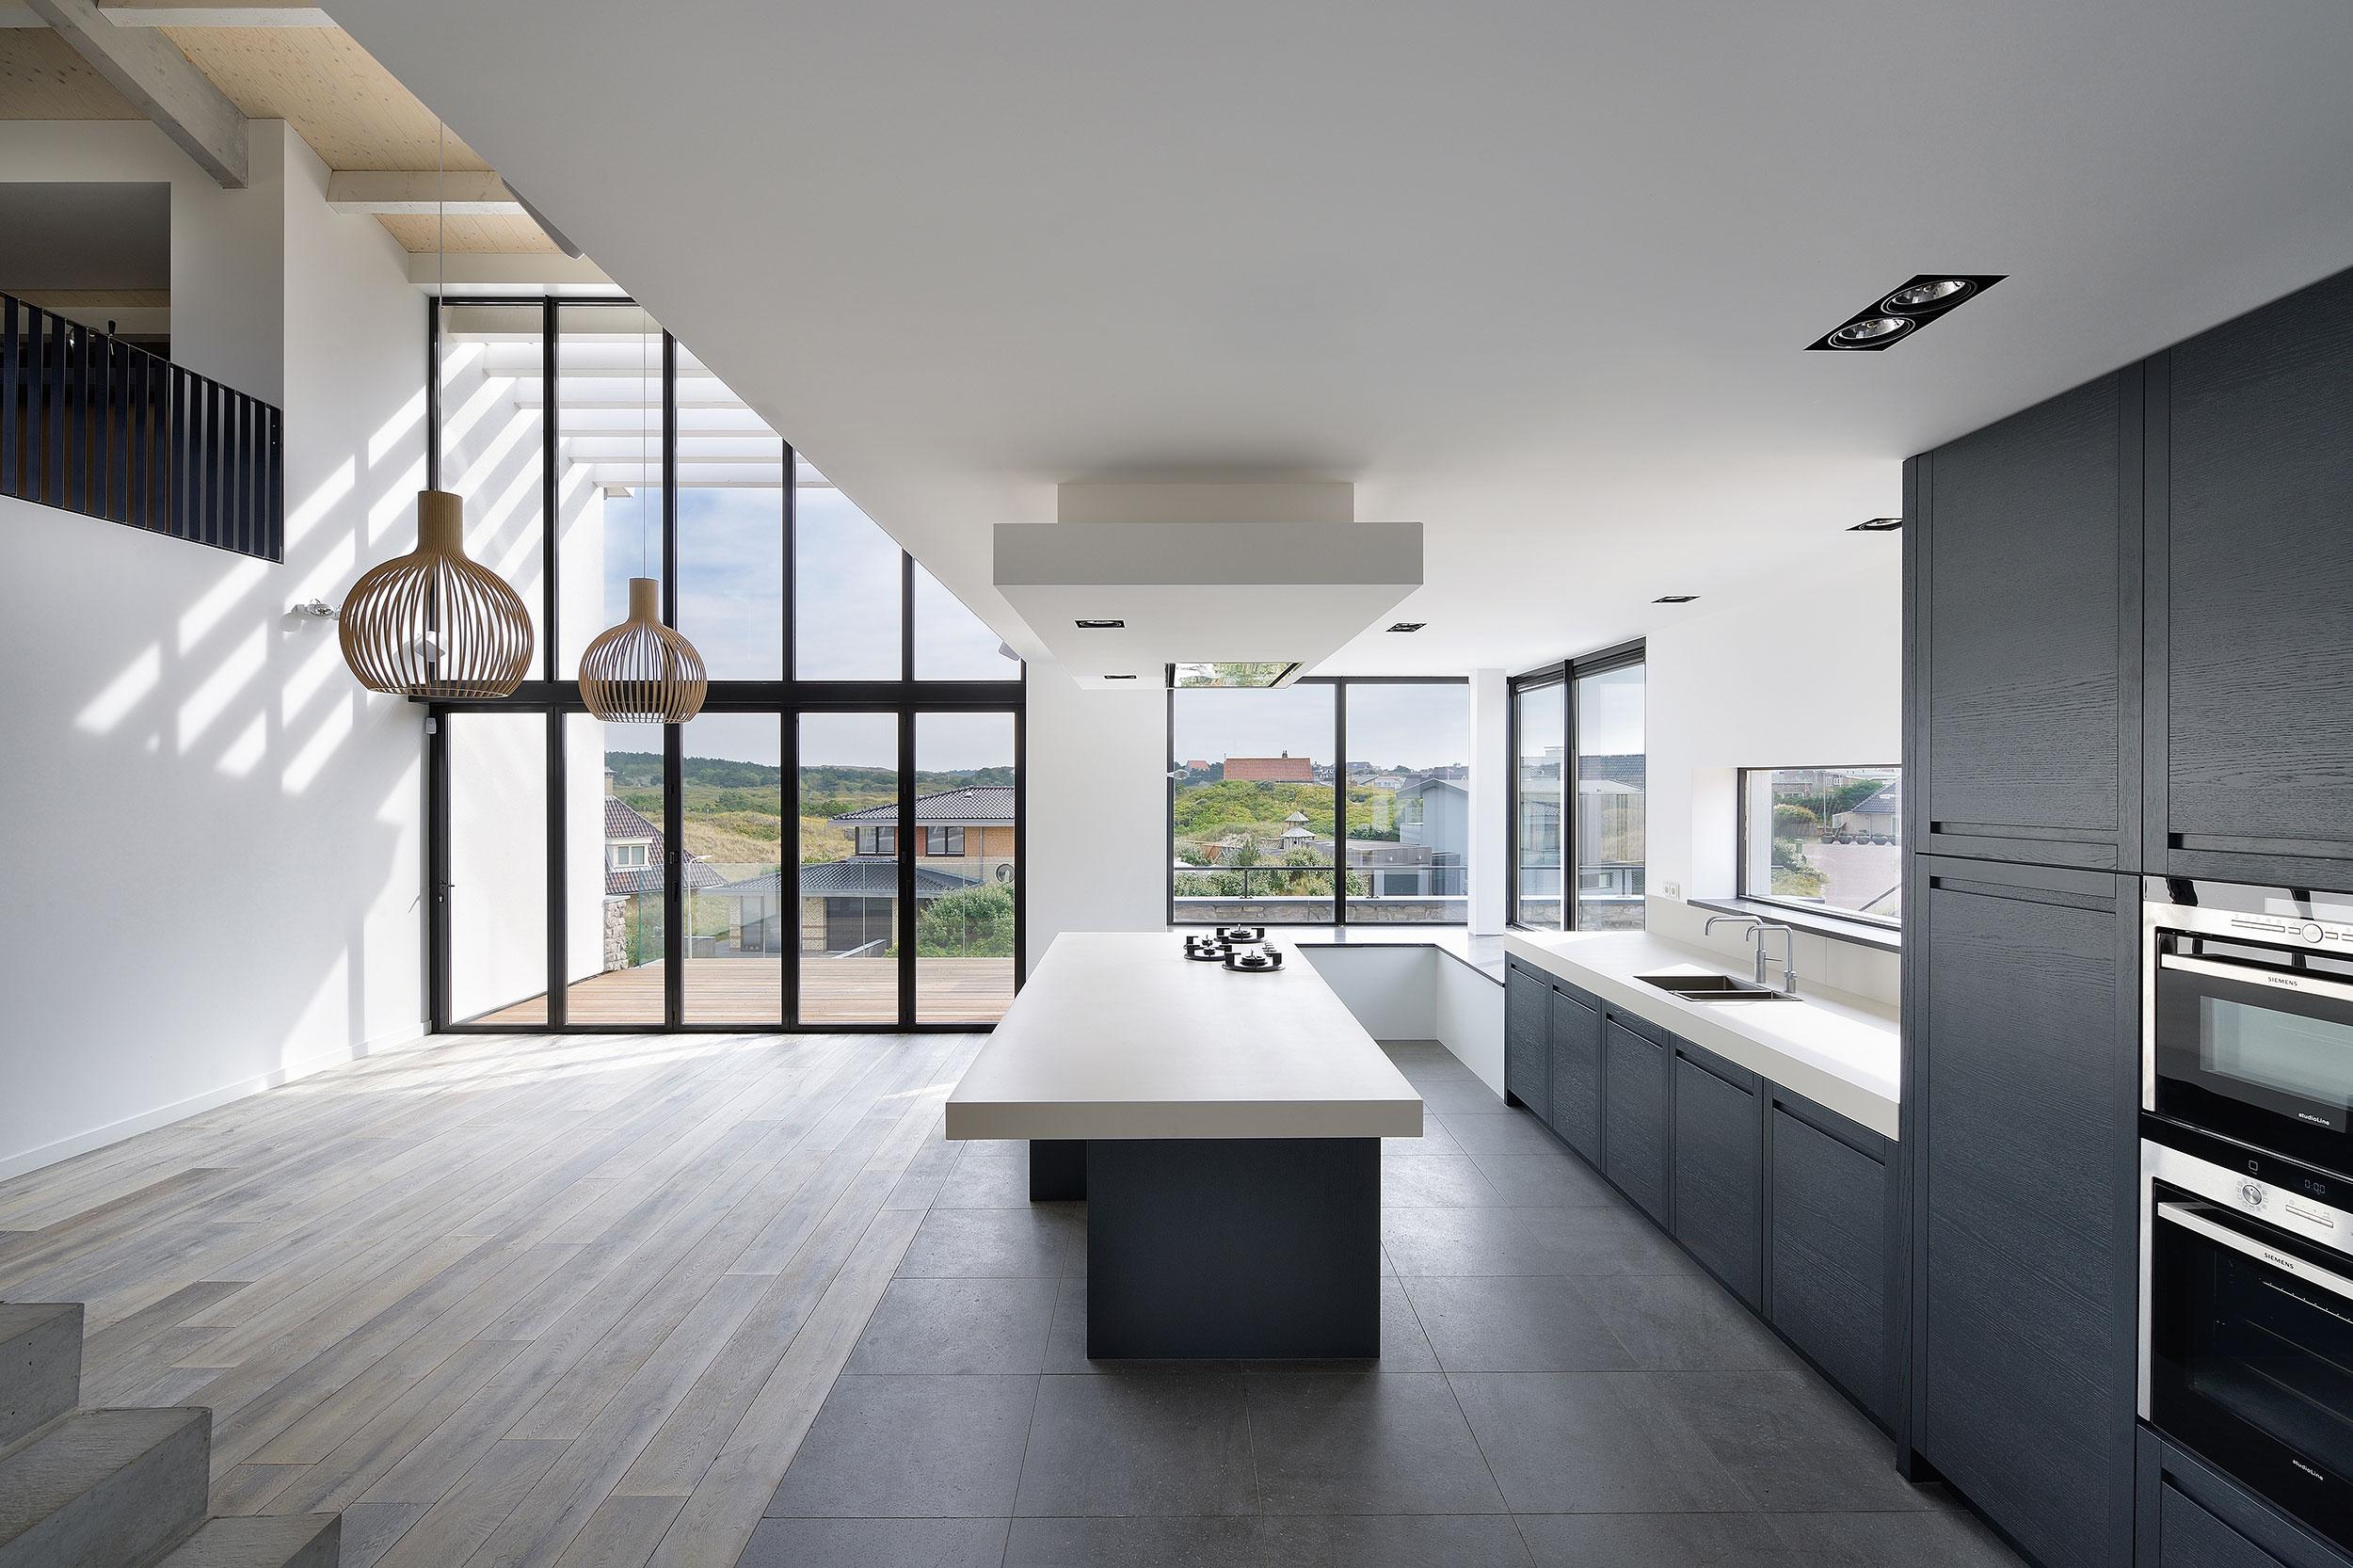 Villa Bergen aan Zee - interieurfotograaf Chiel de Nooyer